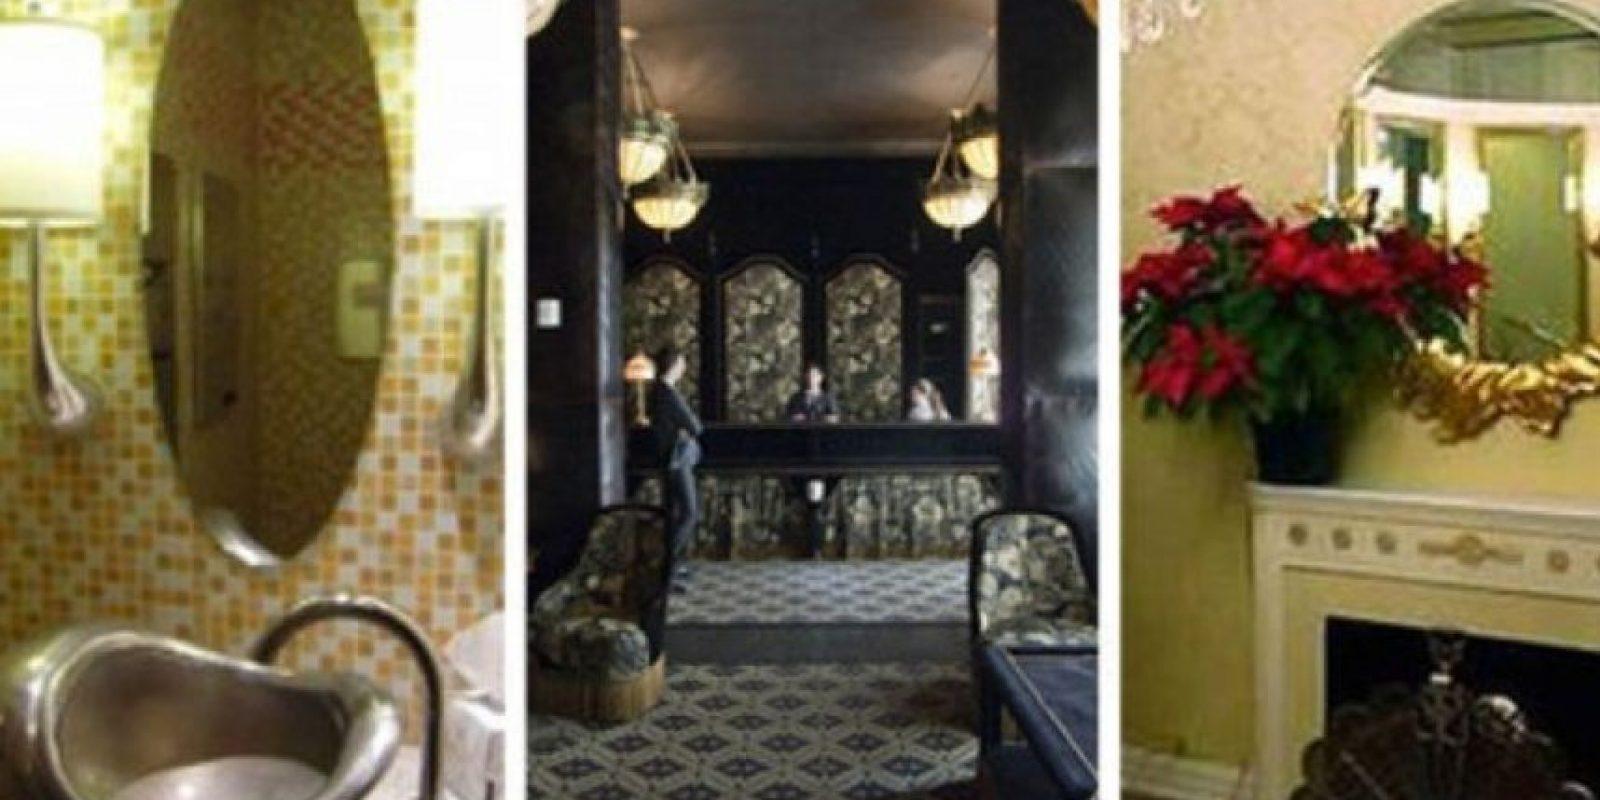 Los baños de los hoteles y restaurantes a veces están disponibles. Vean cuáles hay en su país. Foto:NYCurbed